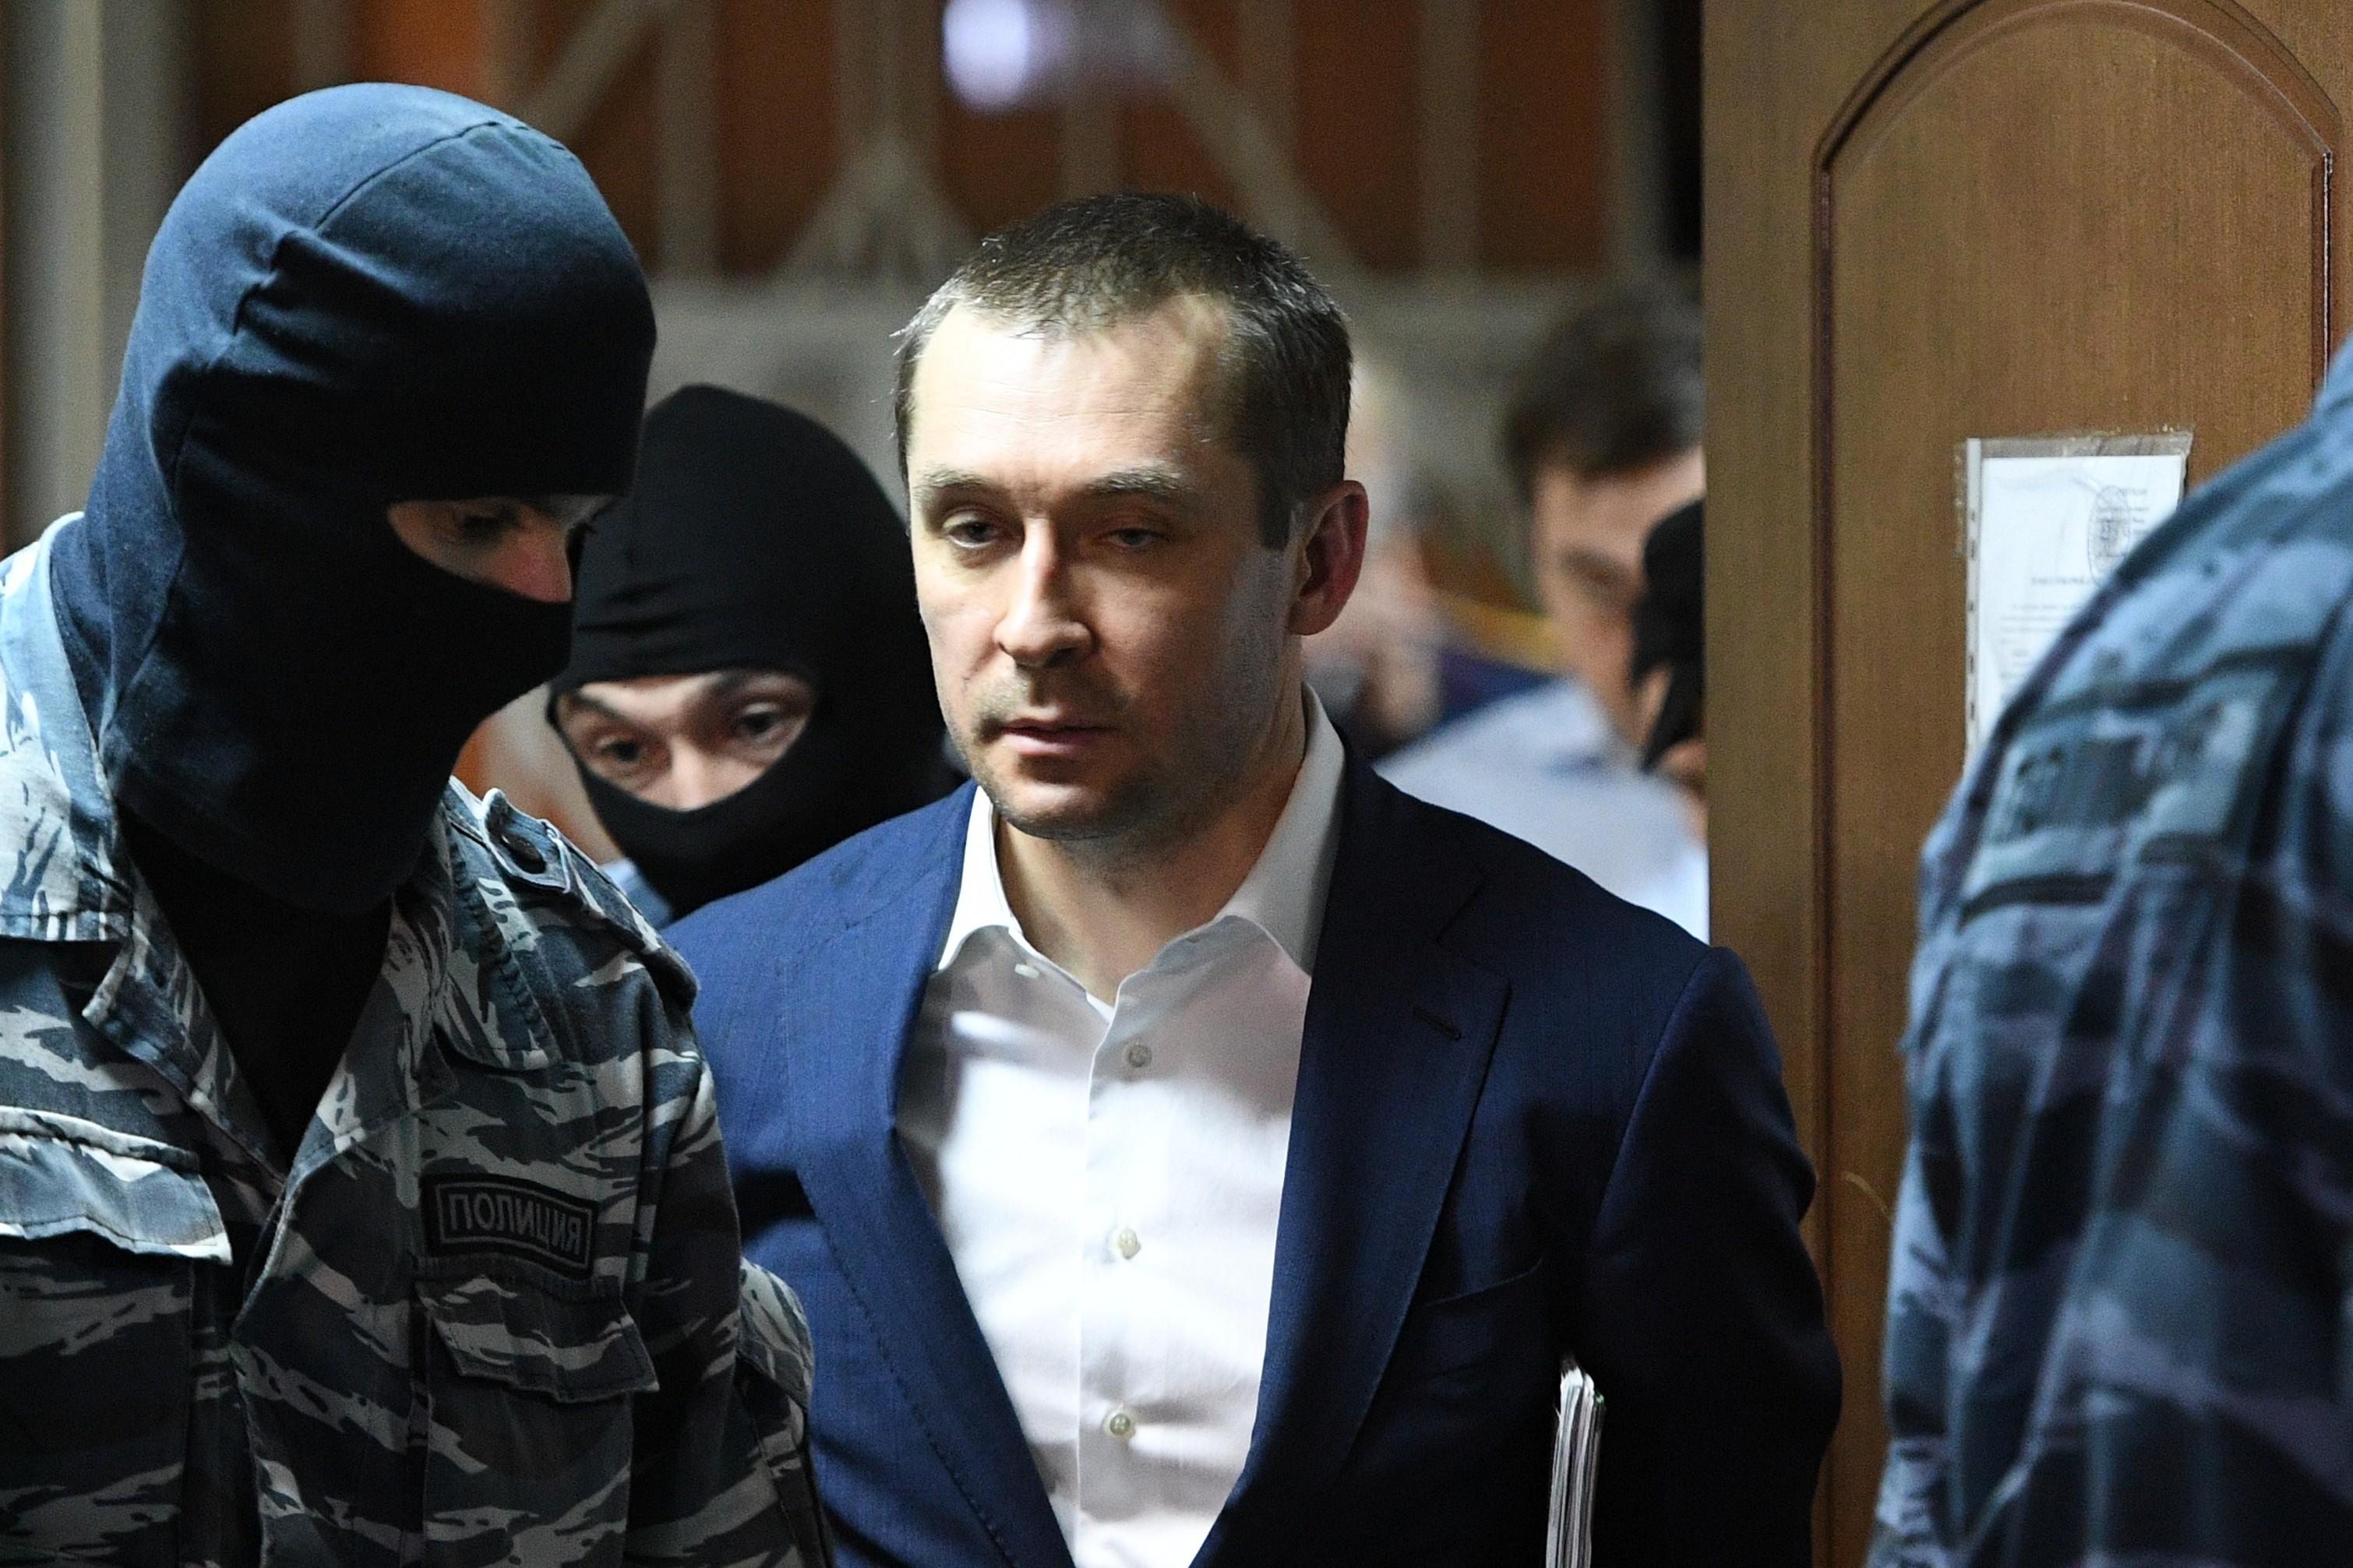 крепкие дмитрий захарченко последние новости фото вот постоянный